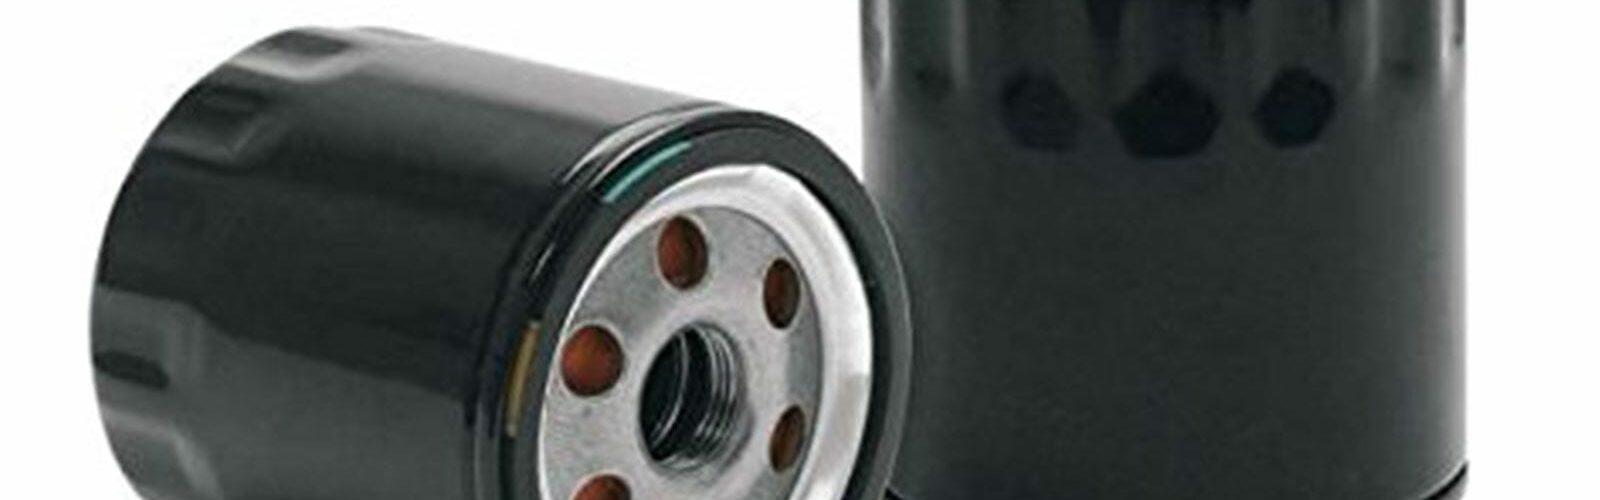 Best Oil Filter for 6.7 Powerstroke